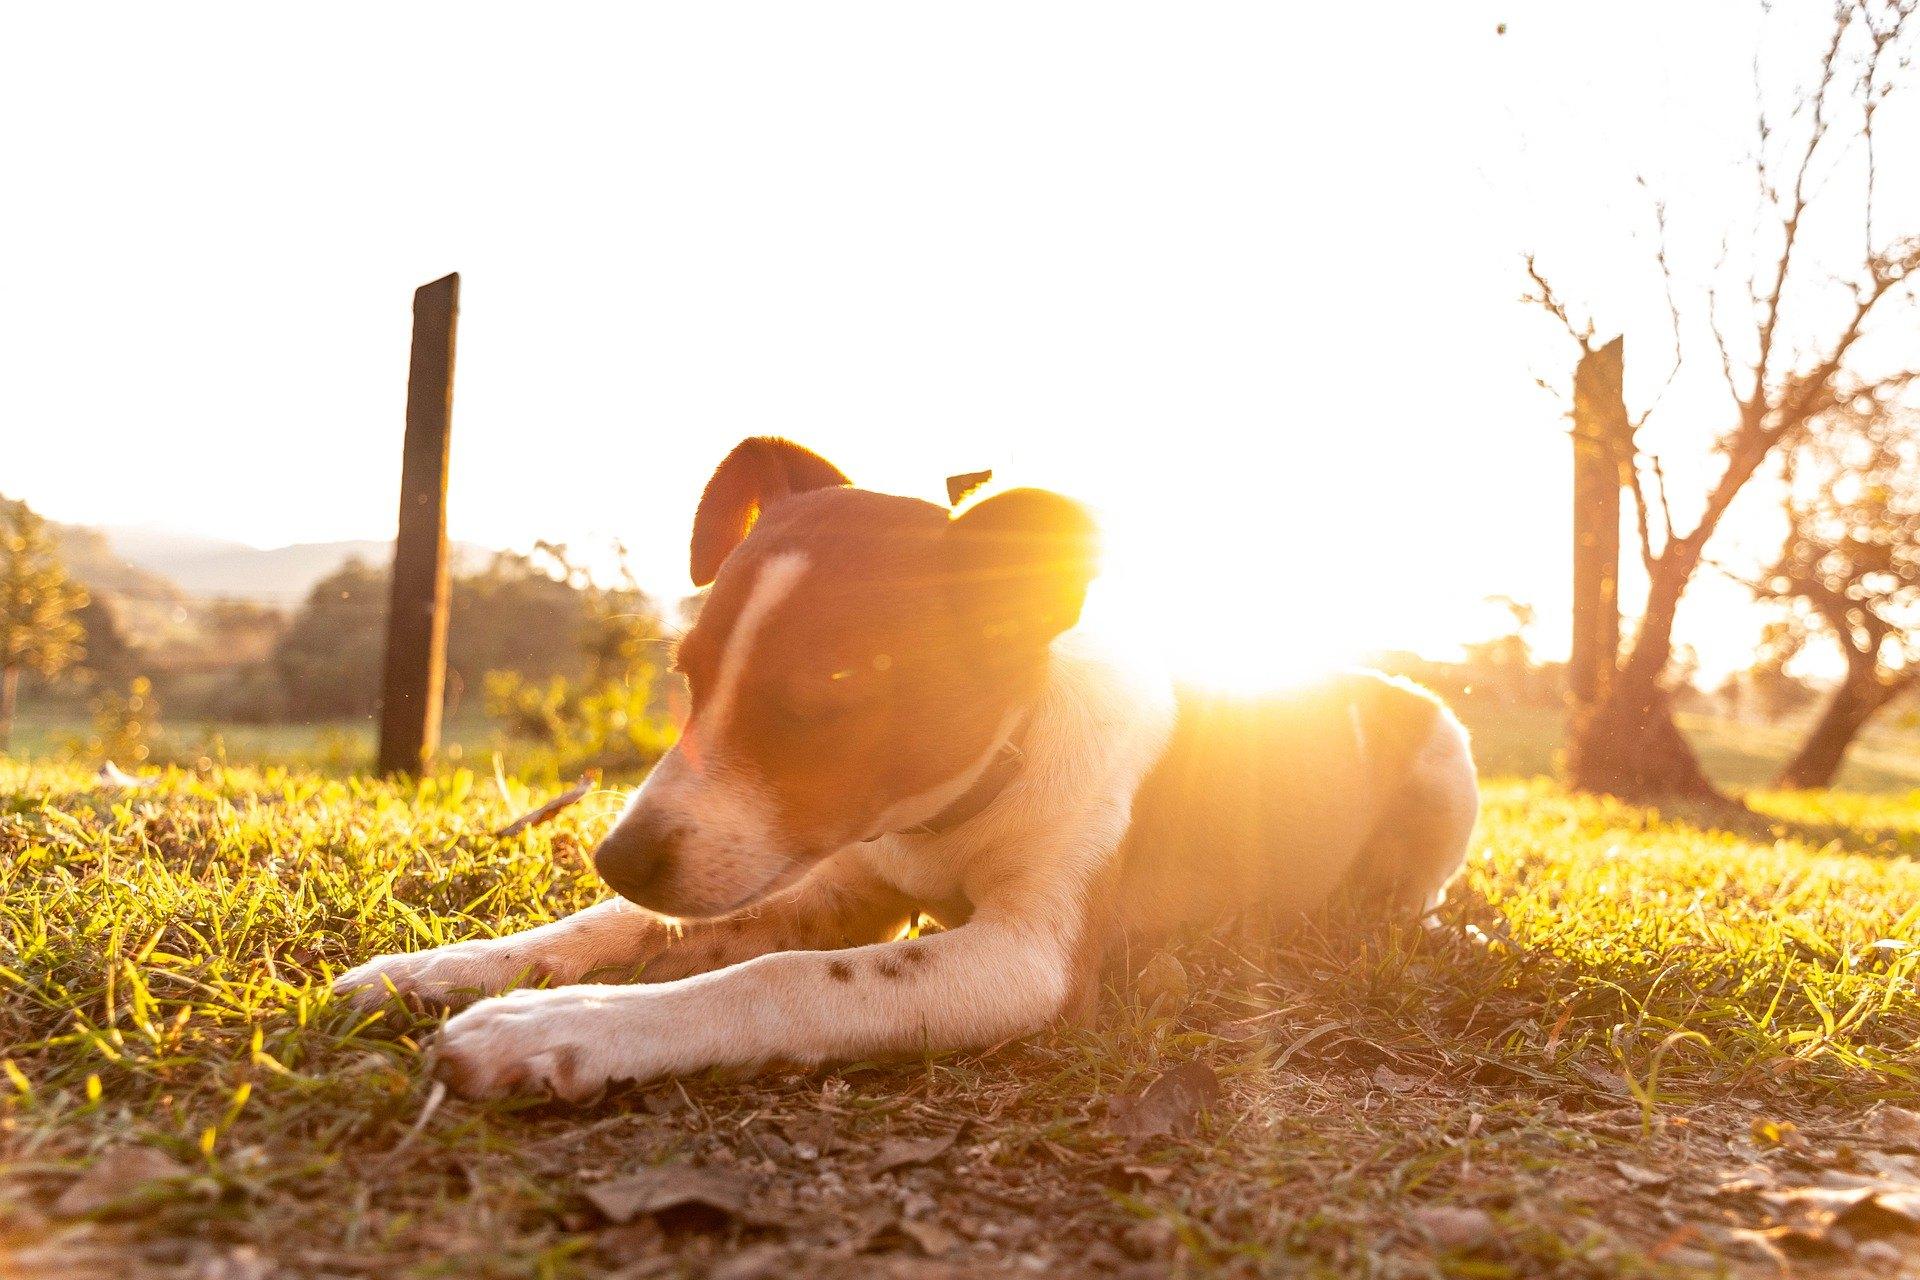 An heißen Tagen müssen Sie Ihrem Hund helfen, sich abzukühlen, insbesondere daran, dass er ständig Zugang zu Trinkwasser hat.